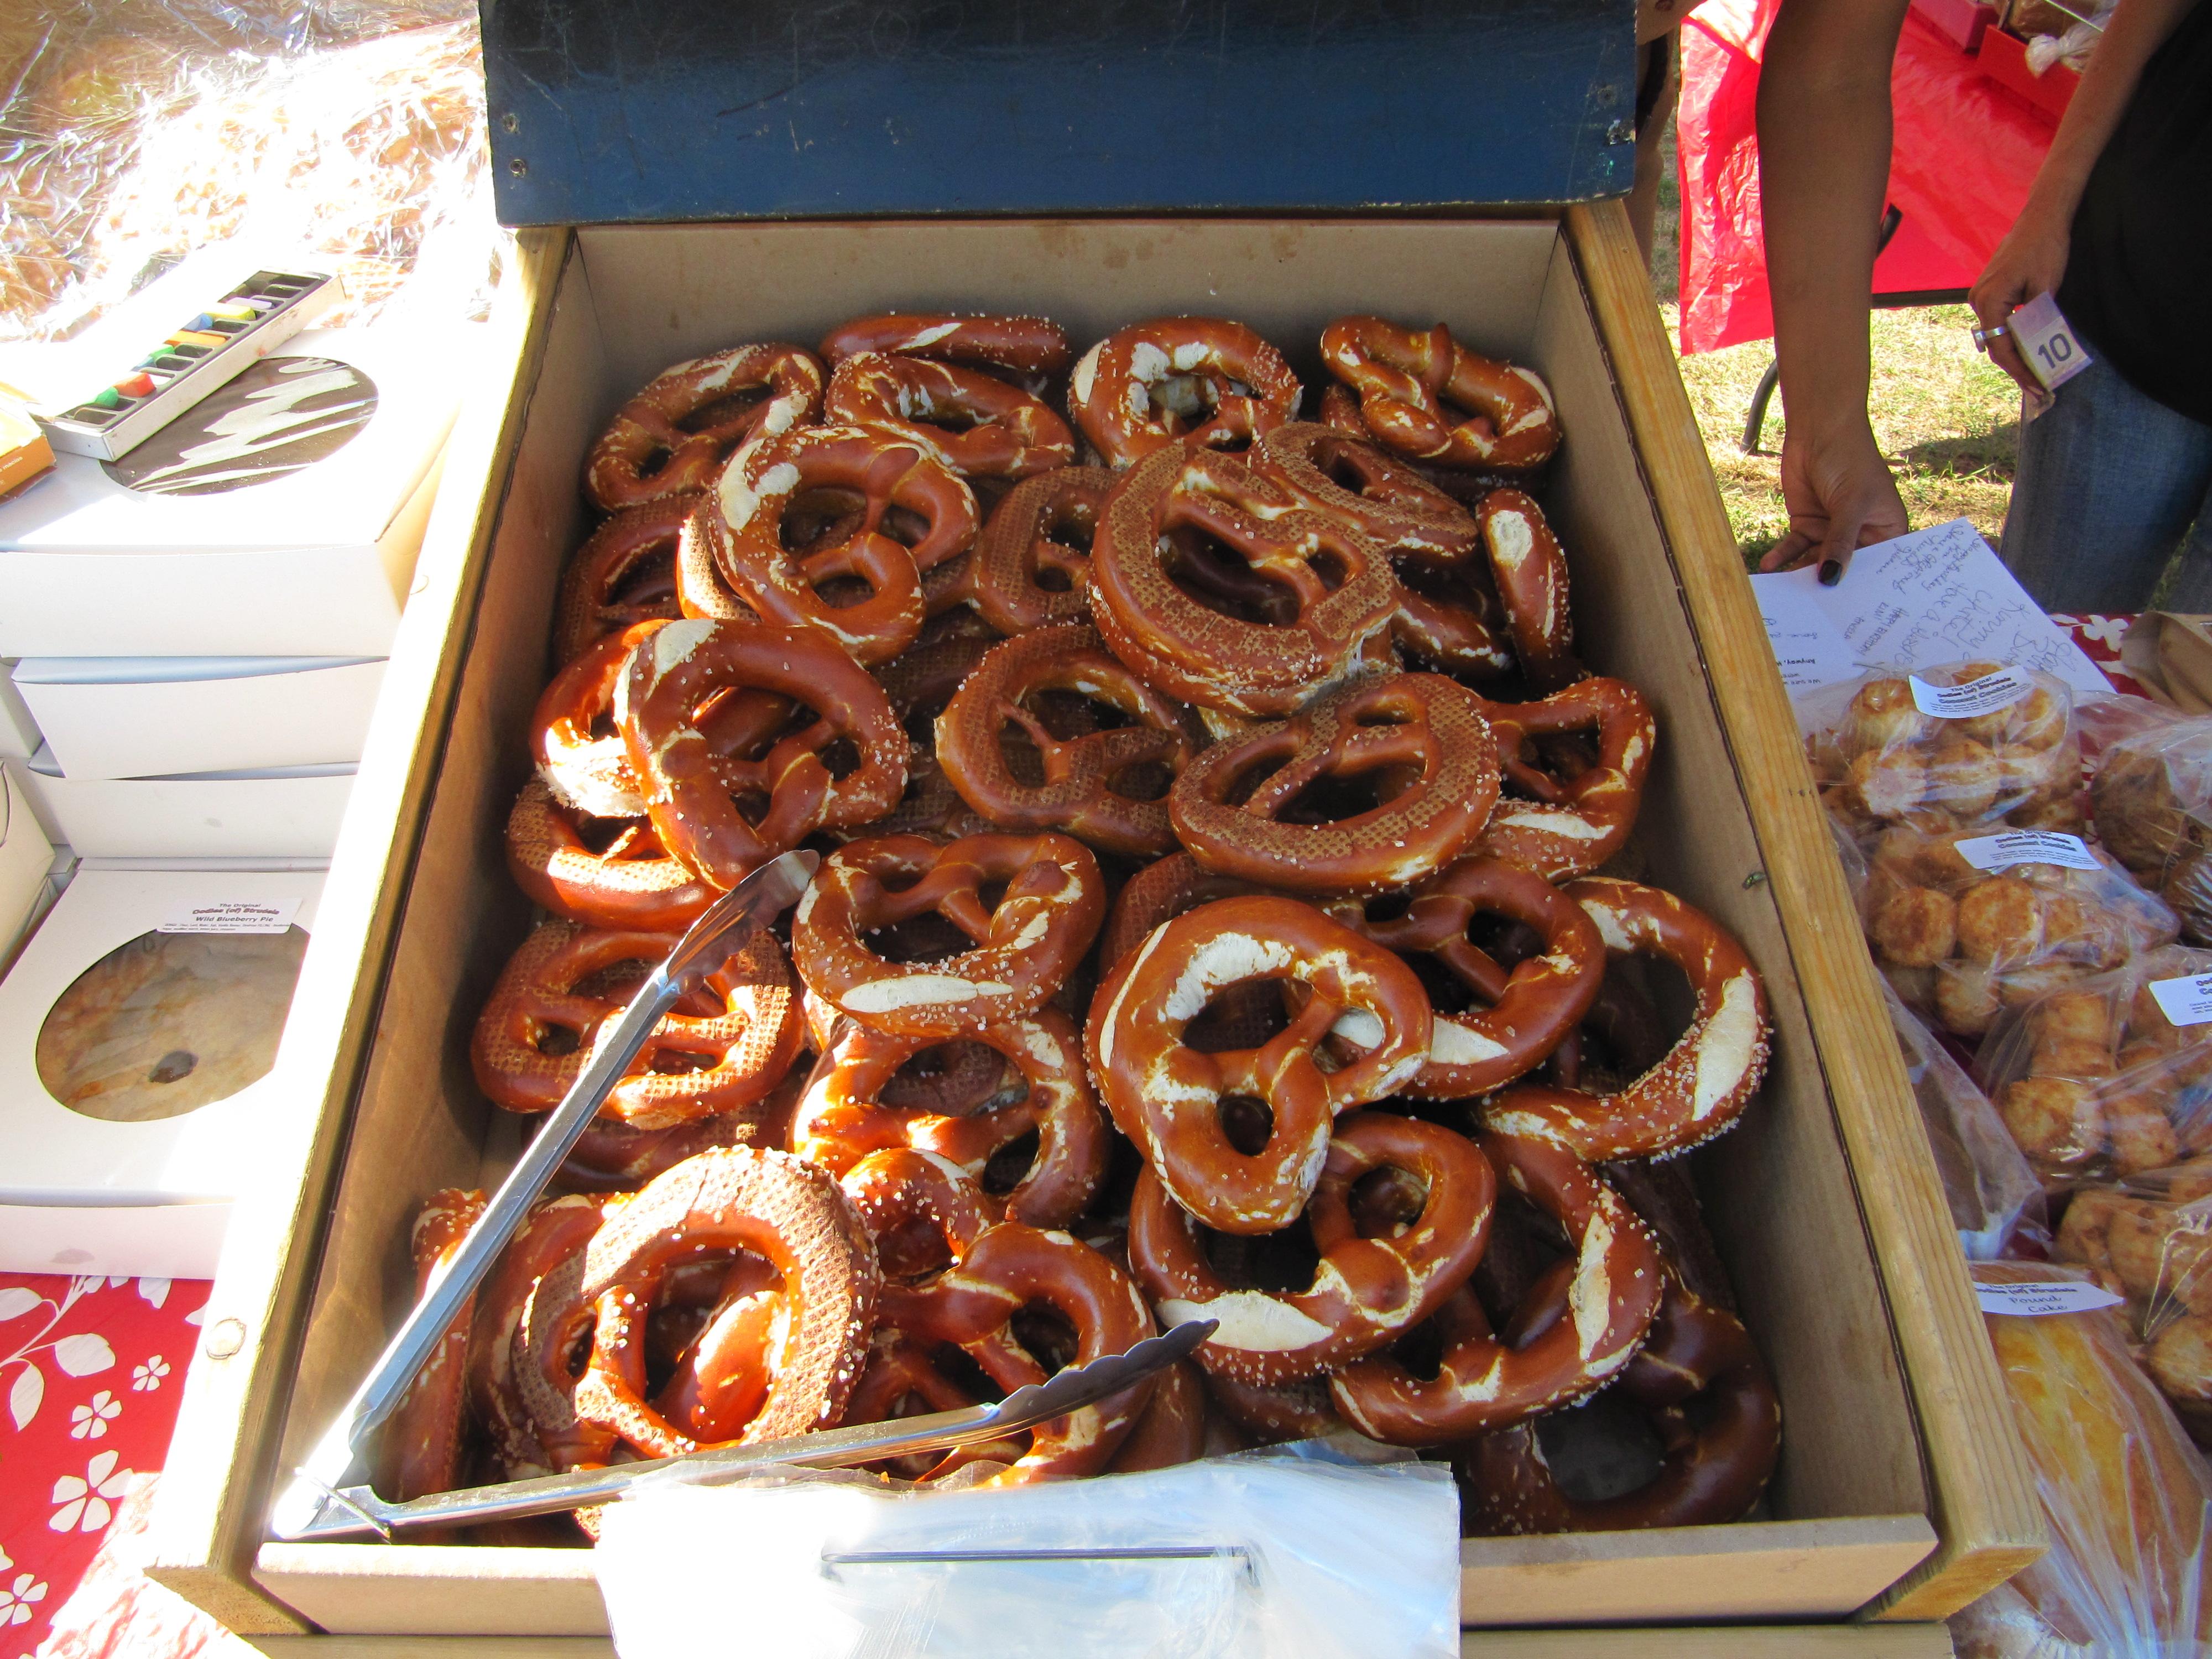 Cathys pretzels